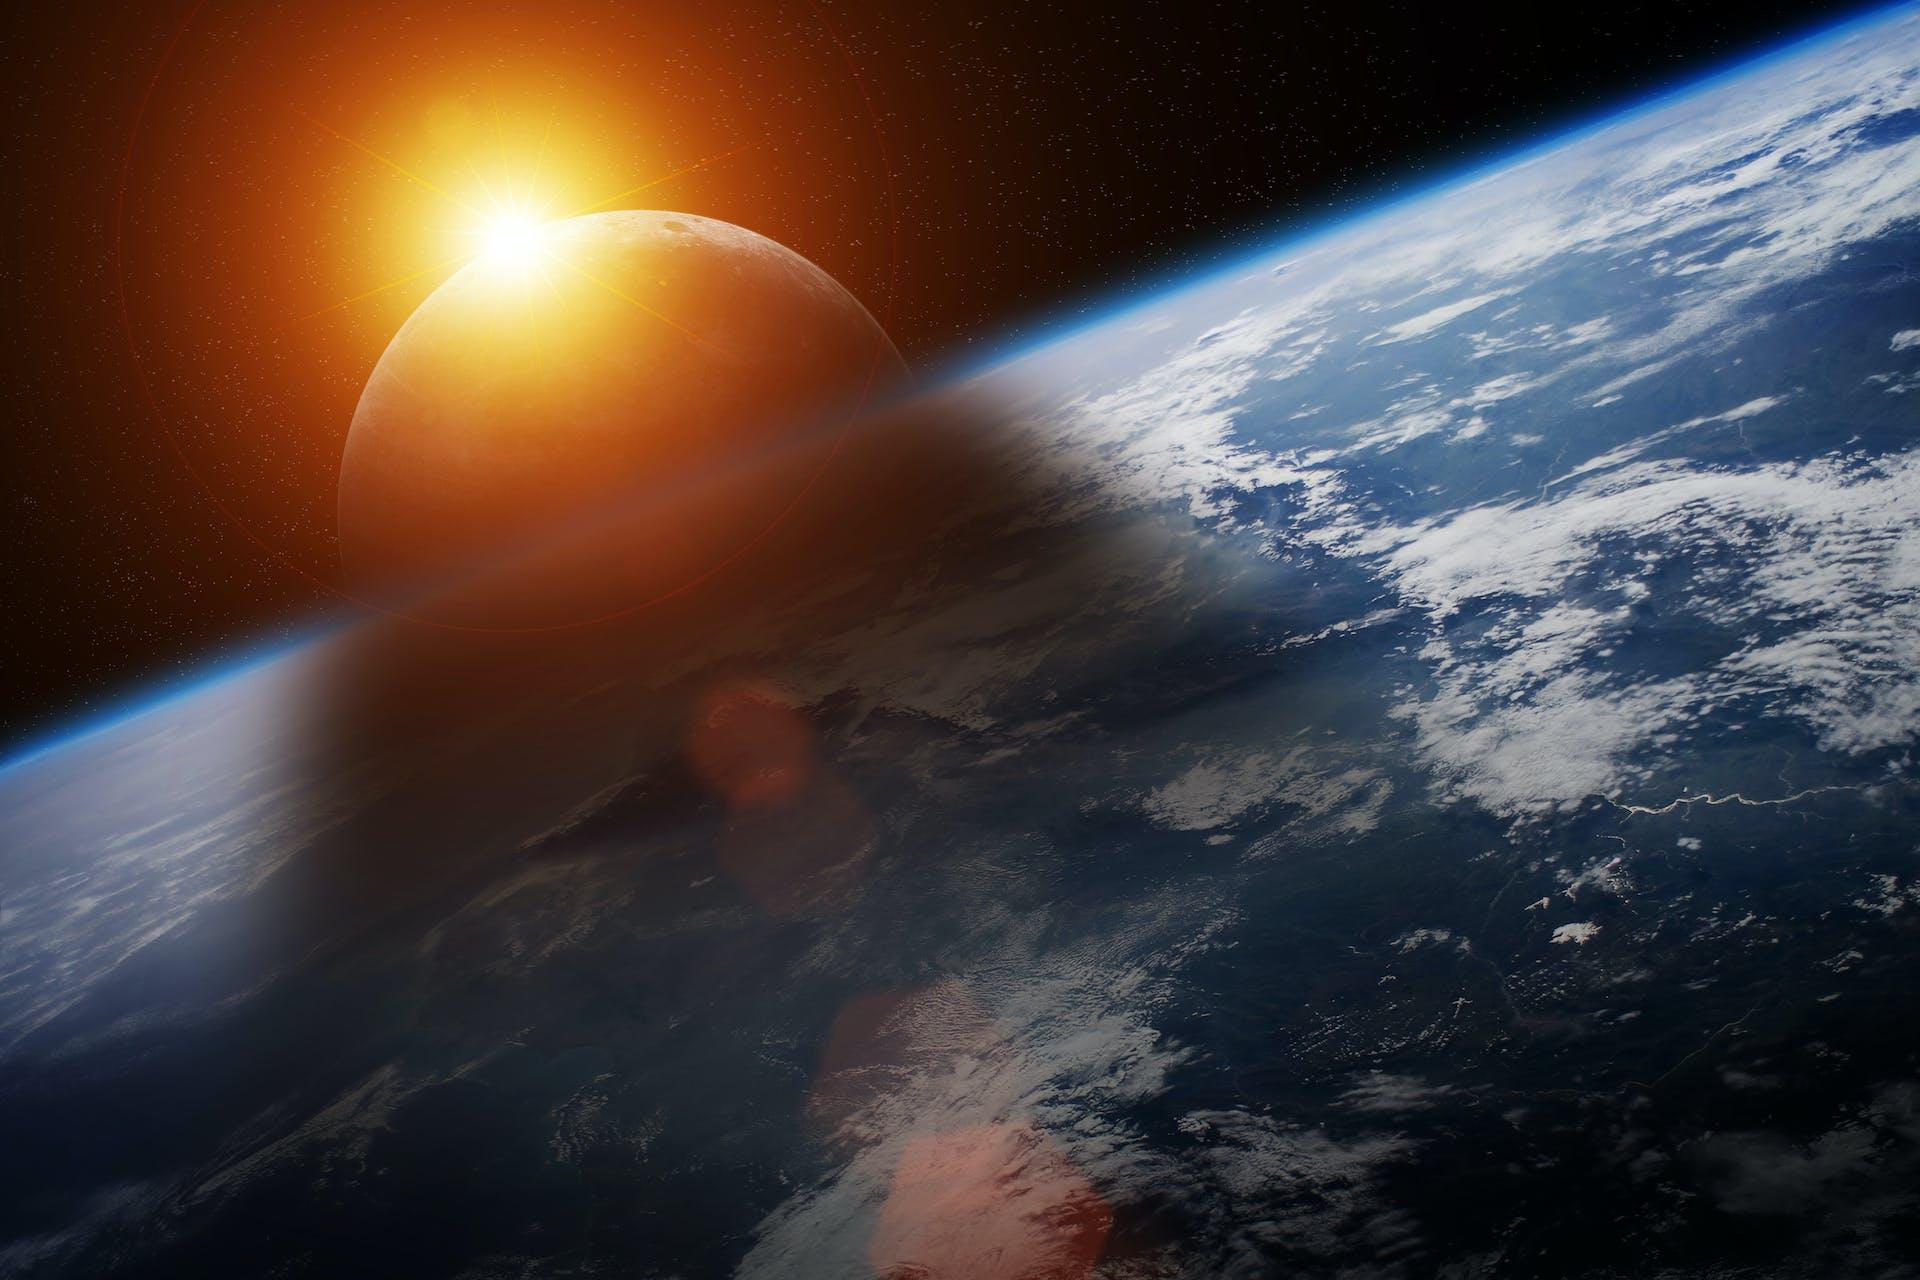 Sol måne jorden på række